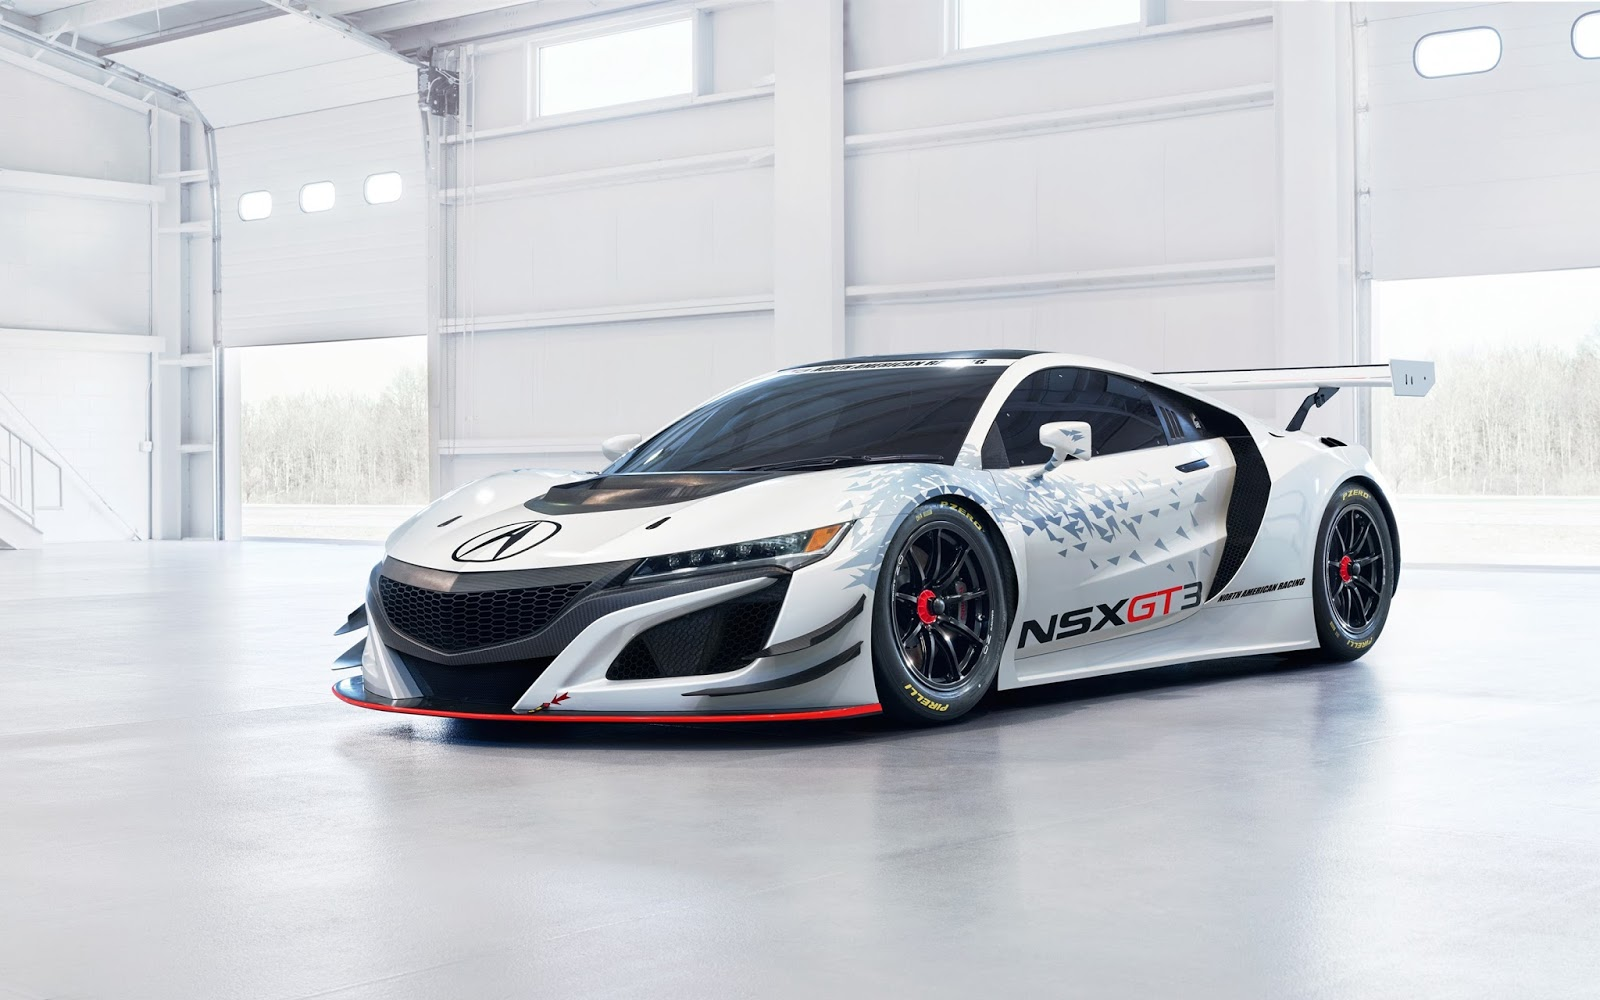 Acura NSX GT3 Racing Hybrid